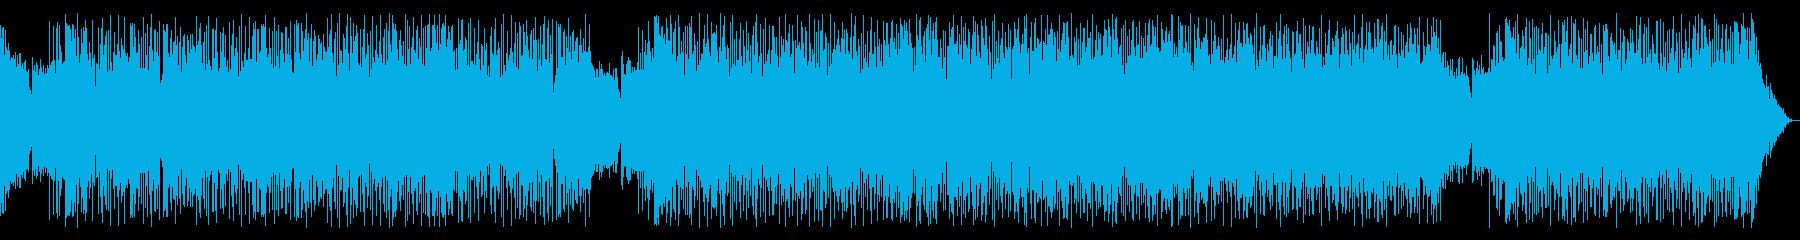 逃走と追跡・カーチェイス・デジタルロックの再生済みの波形